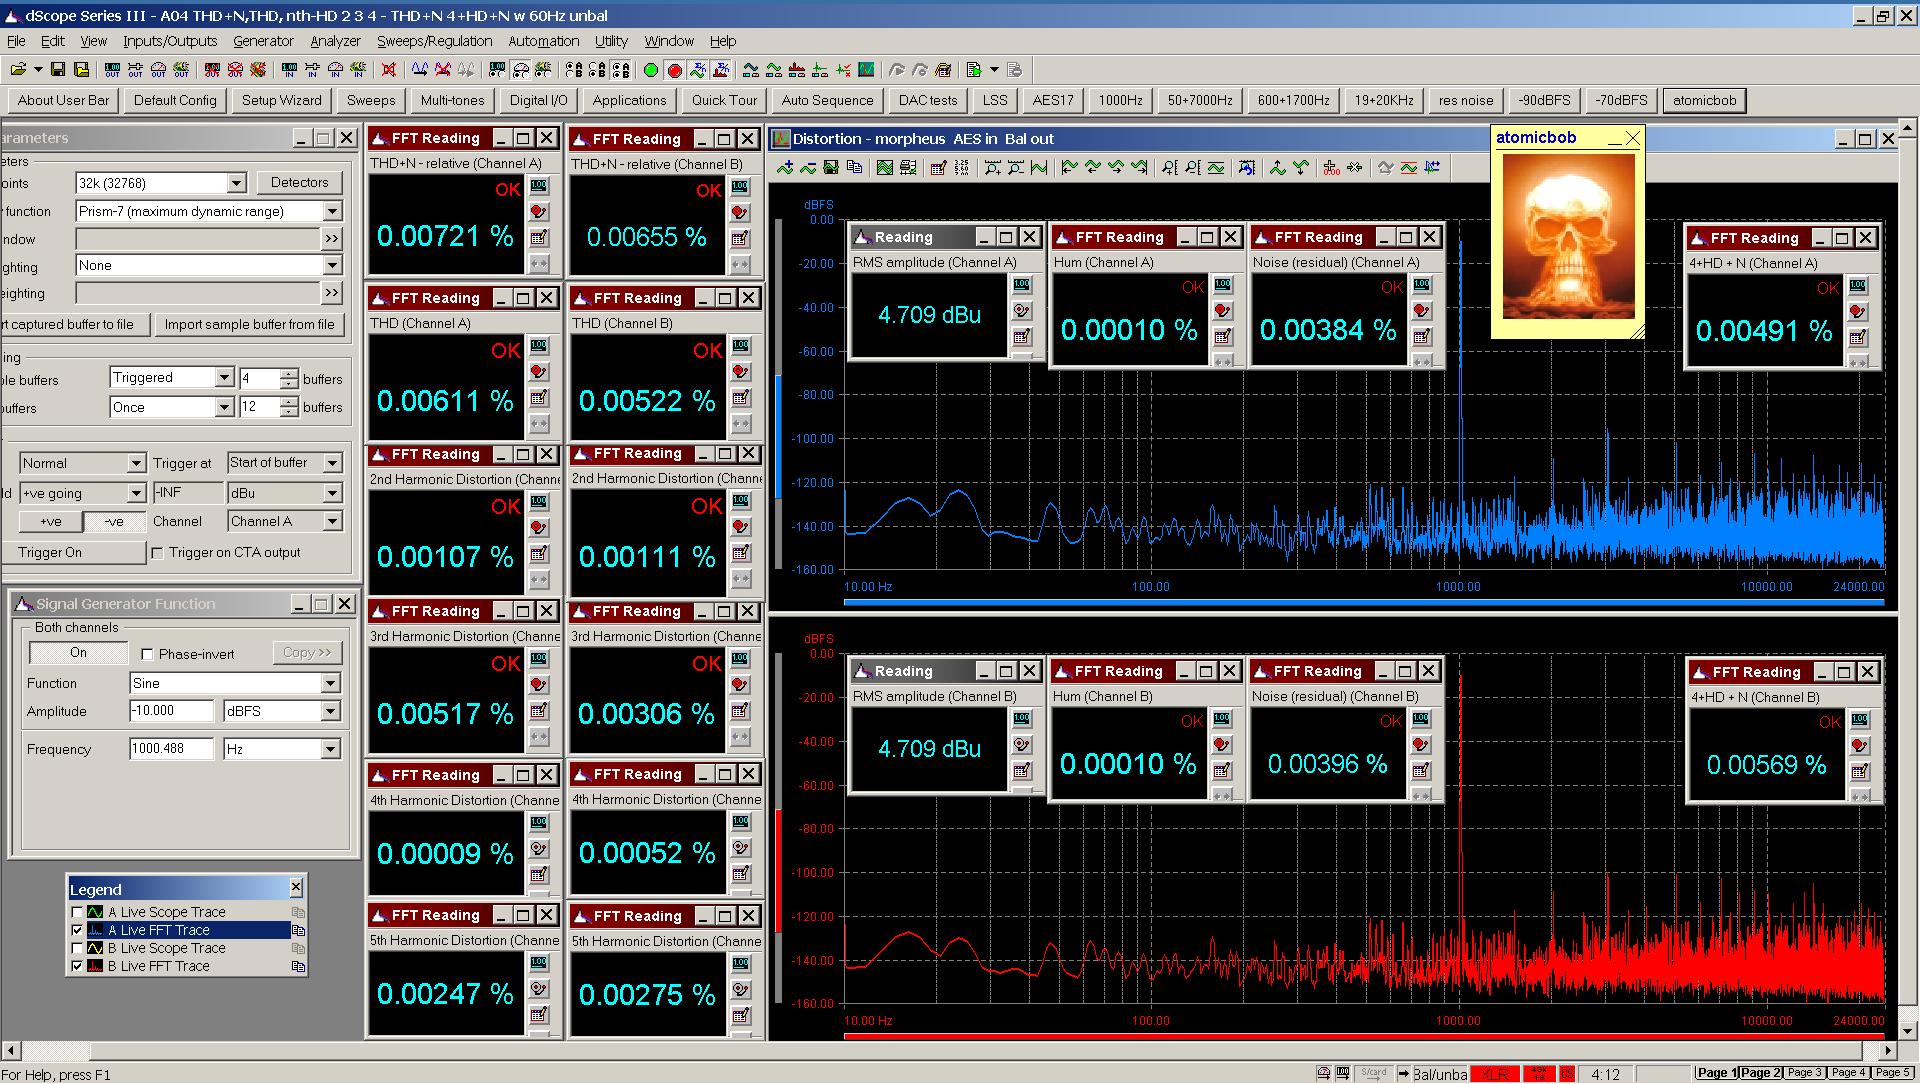 20200723 morpheus A04 THD+N THD nth-HD 4+HD+N 60Hz FFT Bal -10dBFS - AES.png